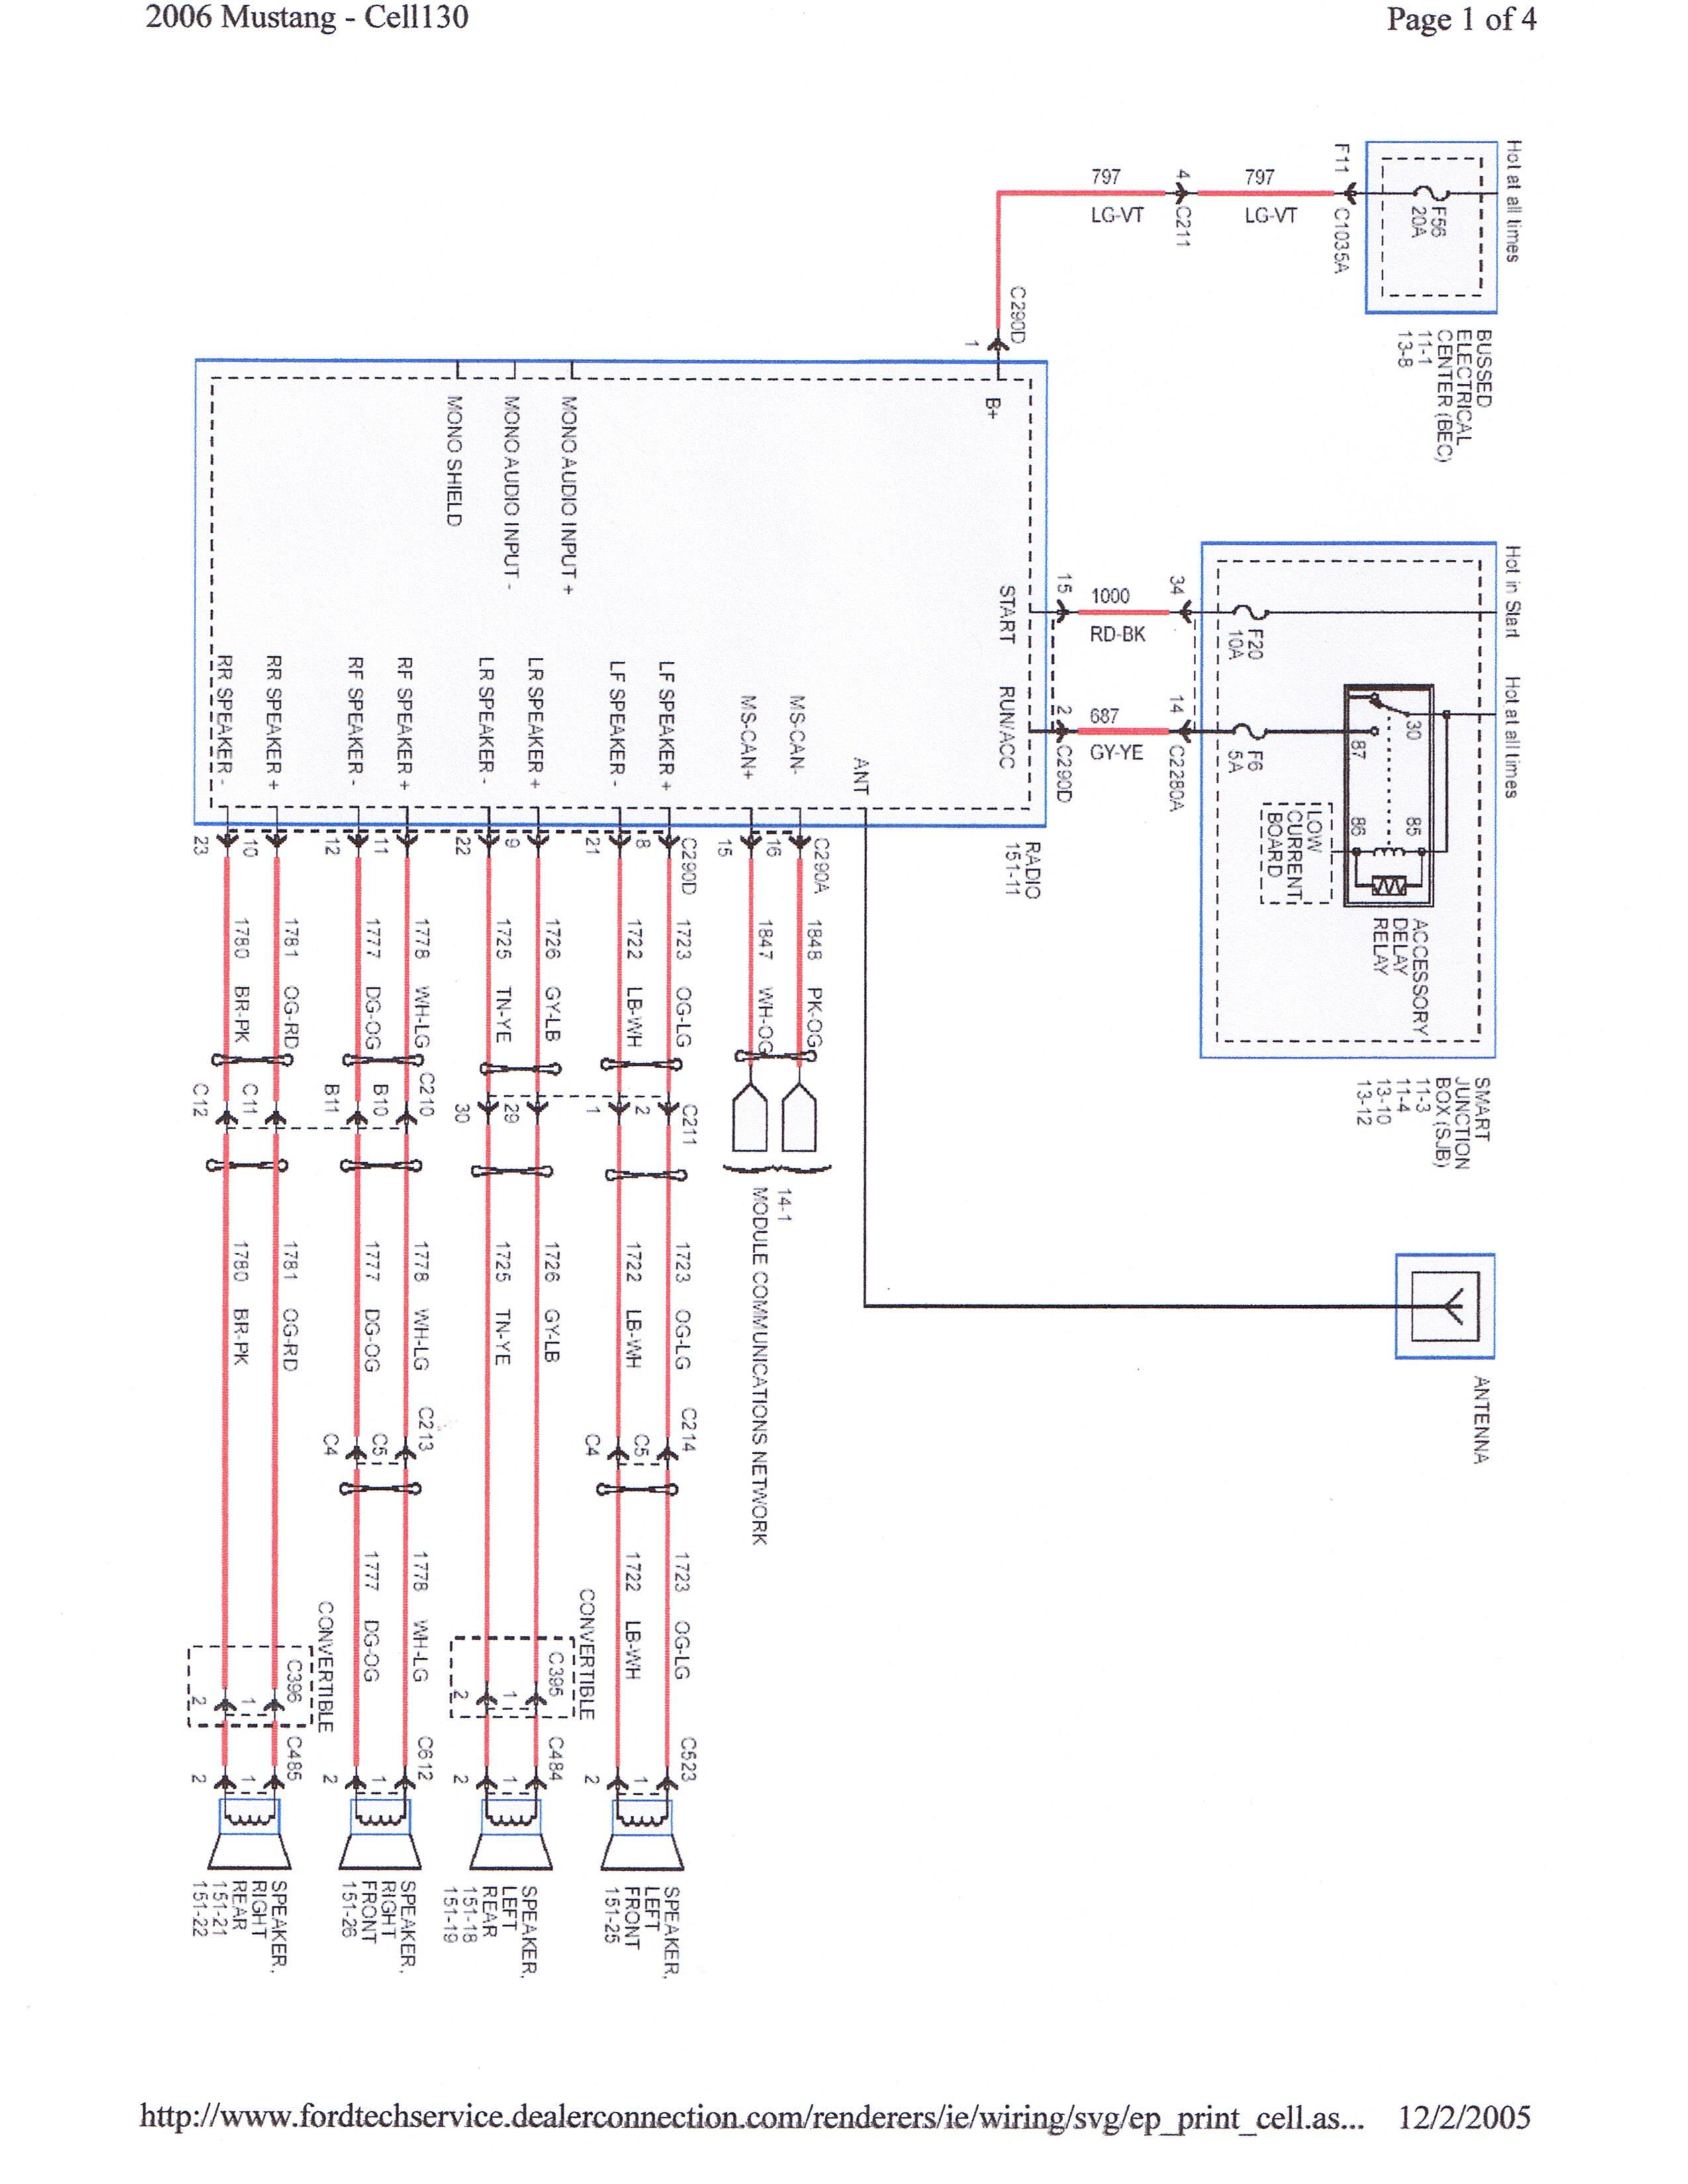 shaker 500 wiring diagram wiring diagram data today 2008 mustang shaker 500 wiring harness shaker 500 wiring harness wiring diagram schematics shaker 500 wiring diagram 2005 mustang shaker 500 wiring